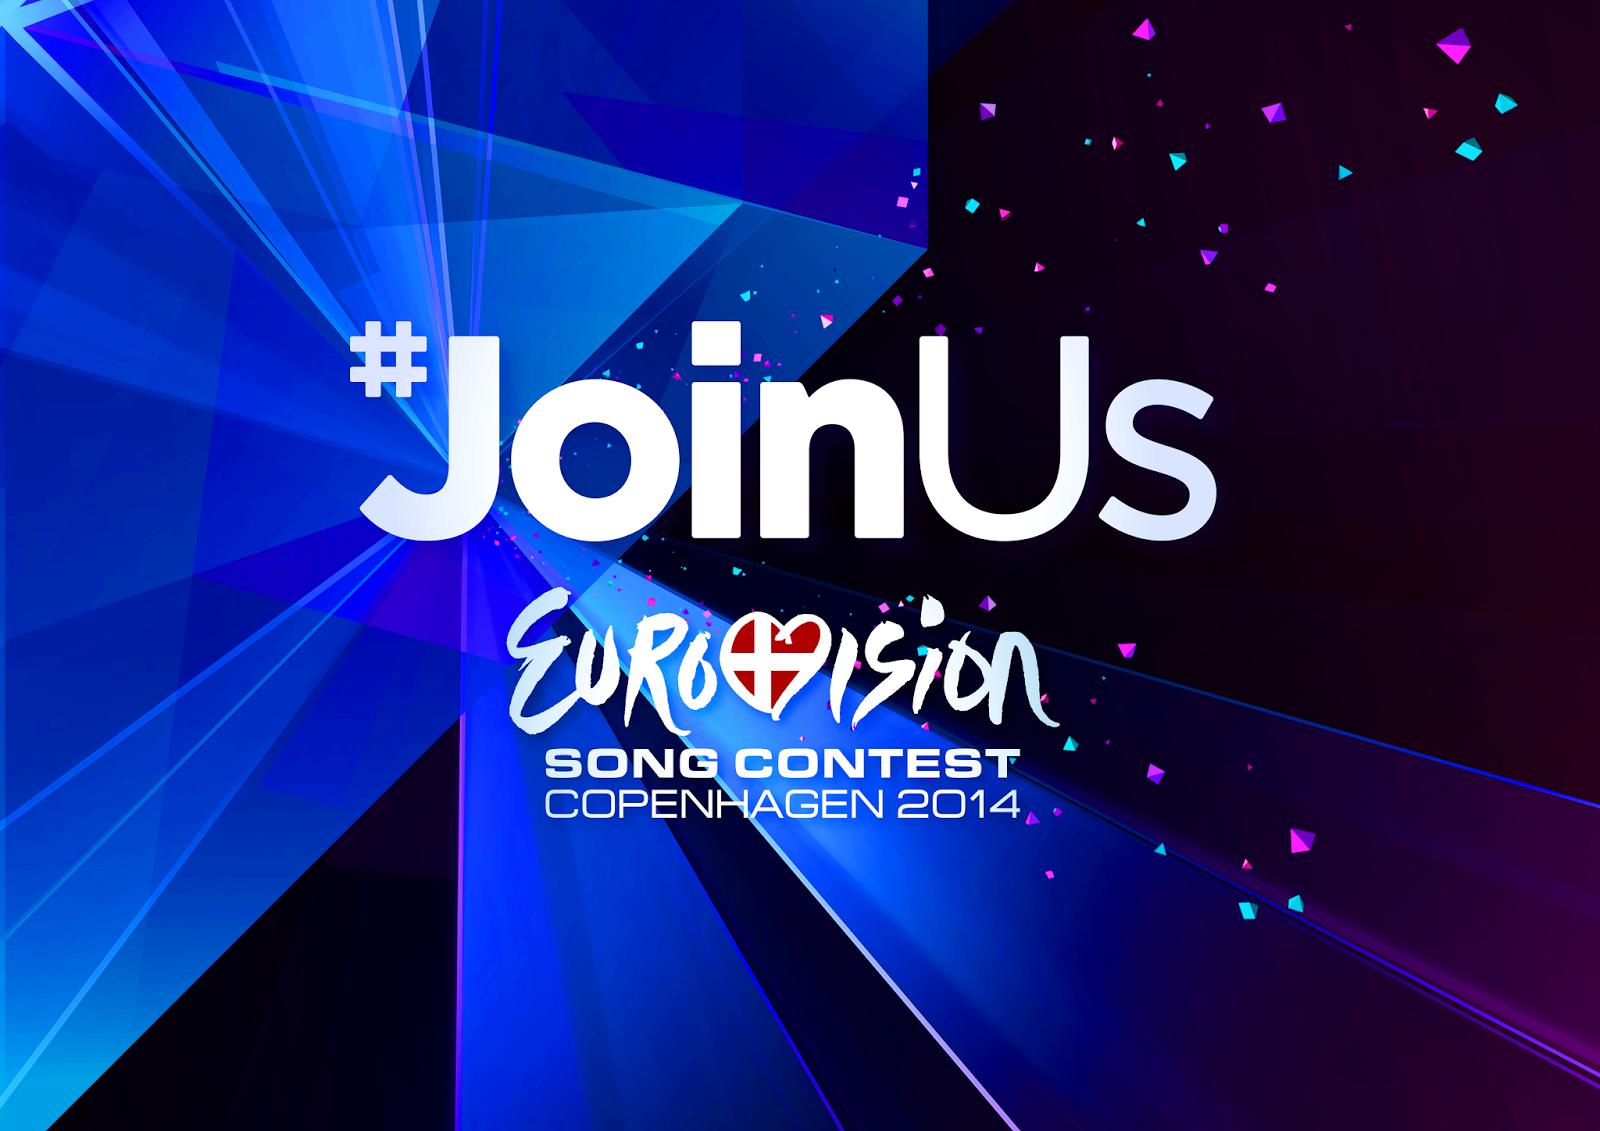 «Festival da Eurovisão» recebe participação da Austrália